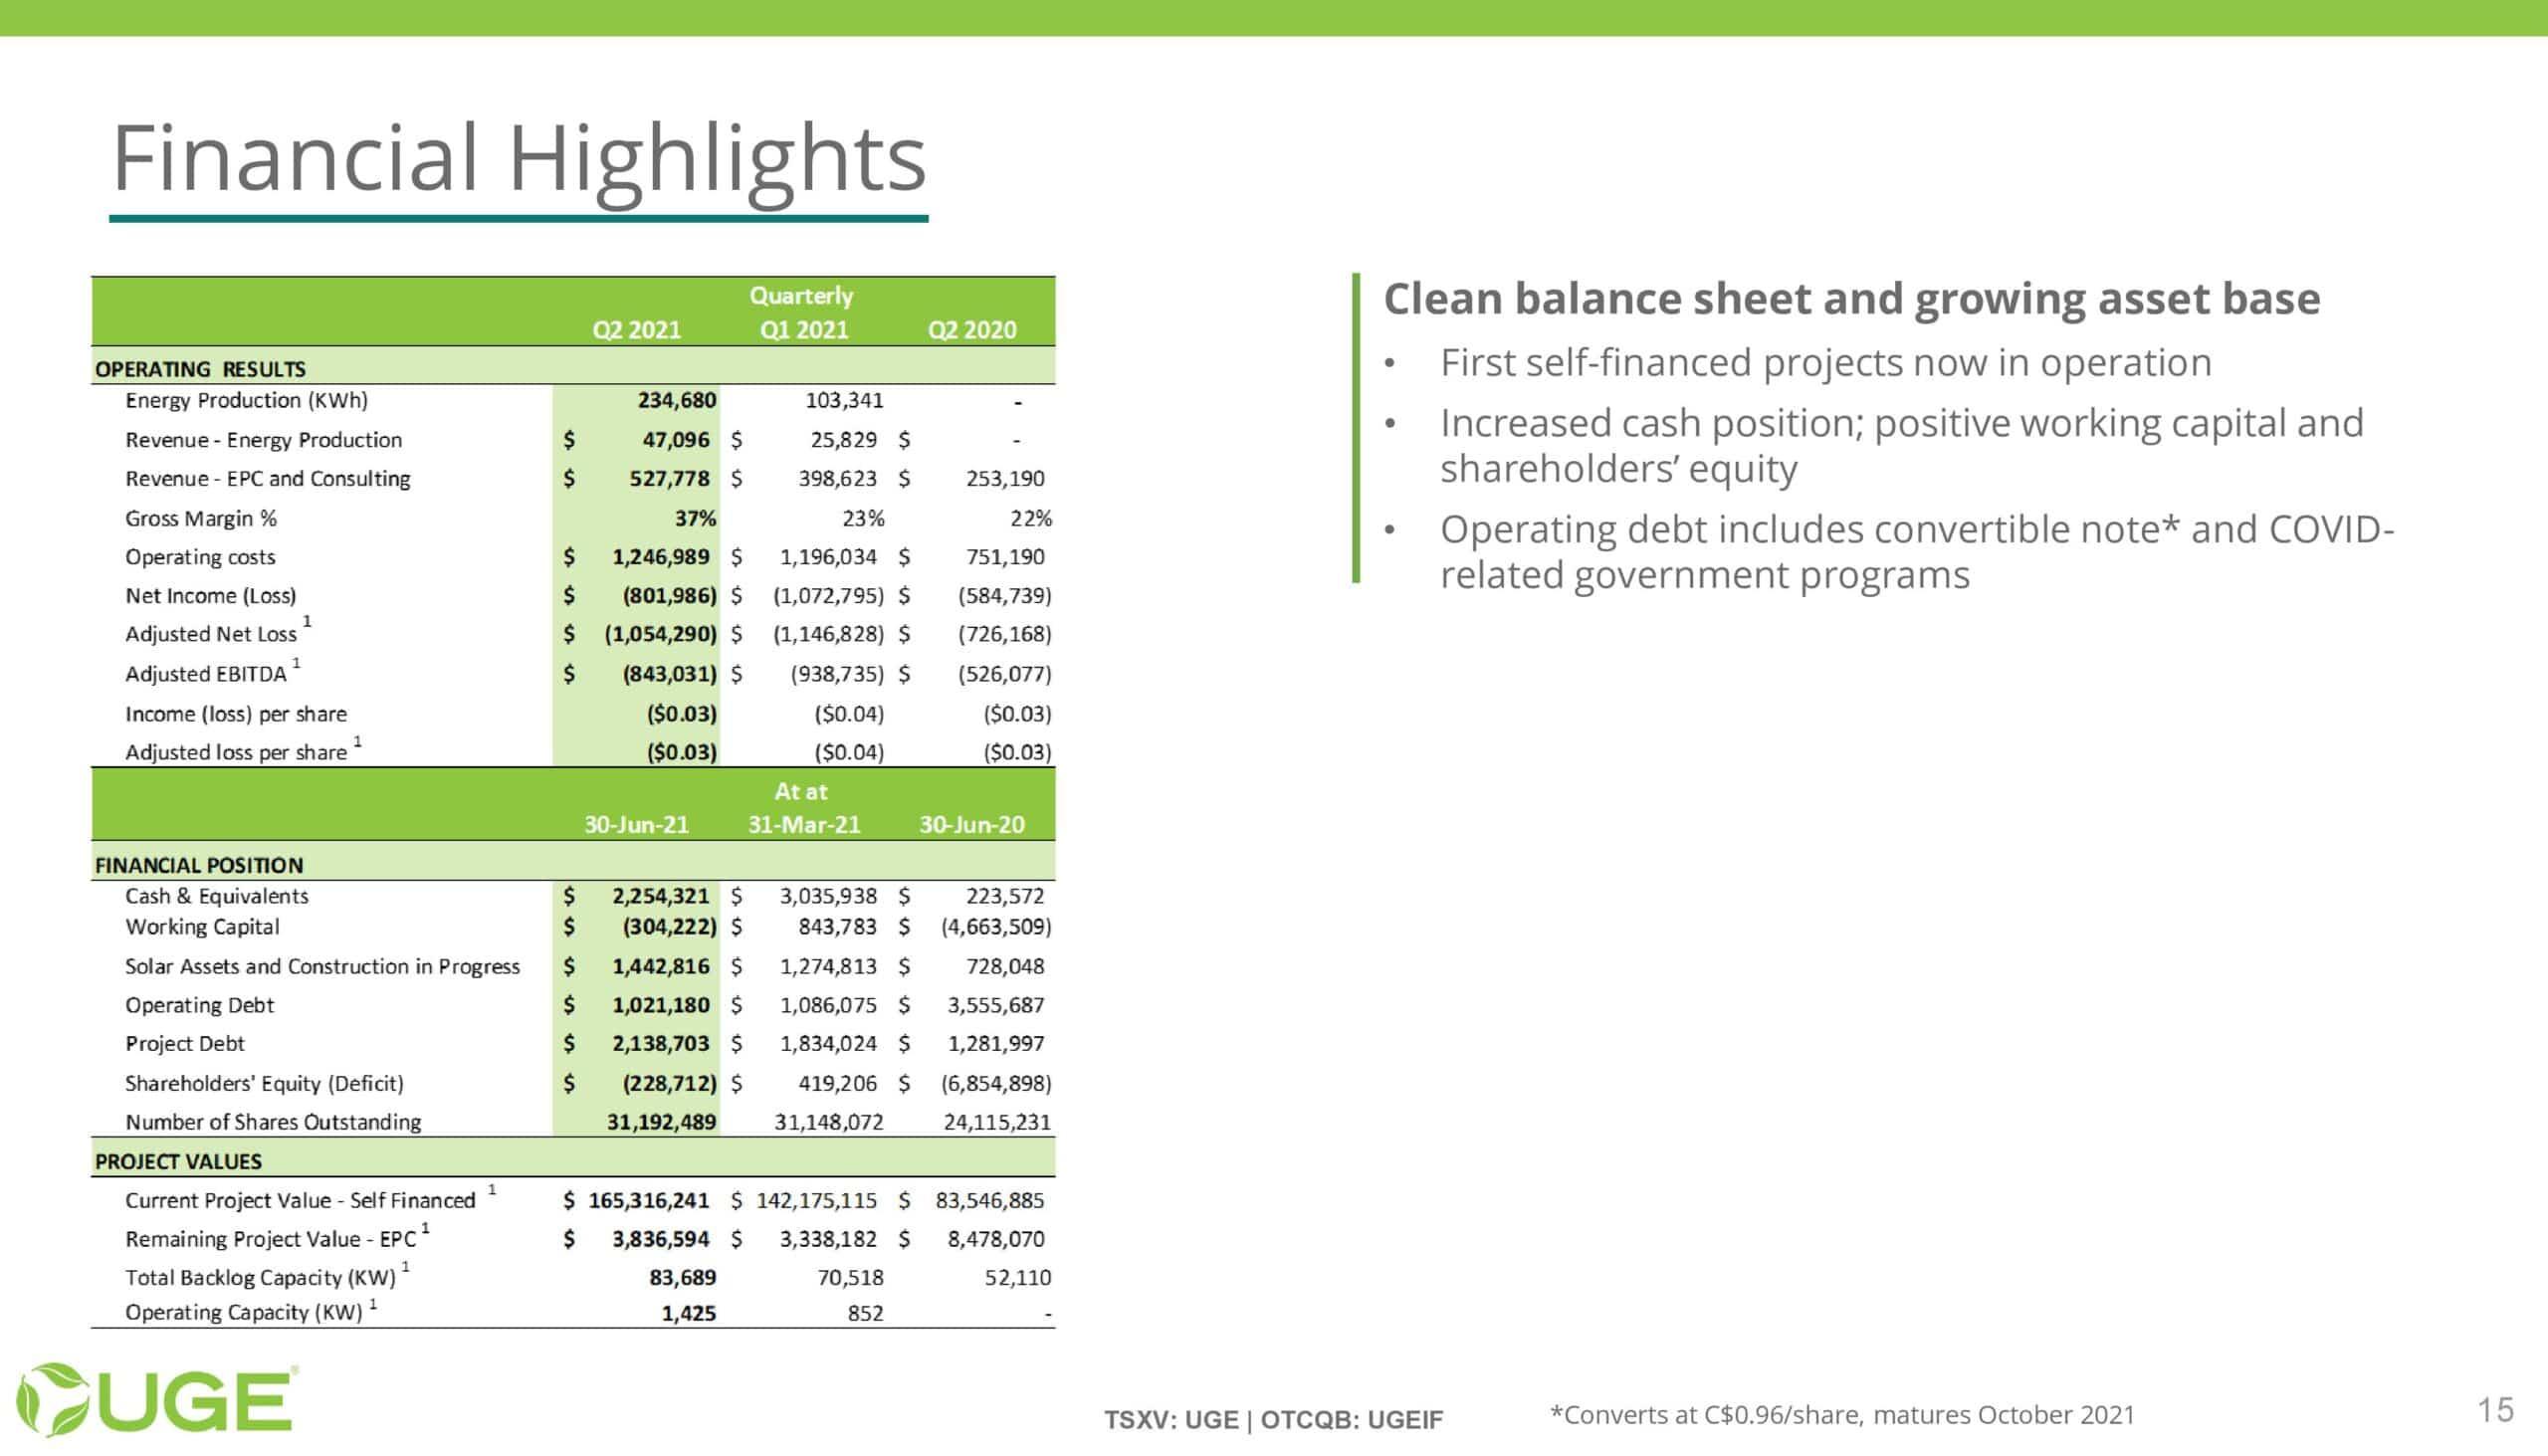 UGE Investor Presentation - 20211001-page-014